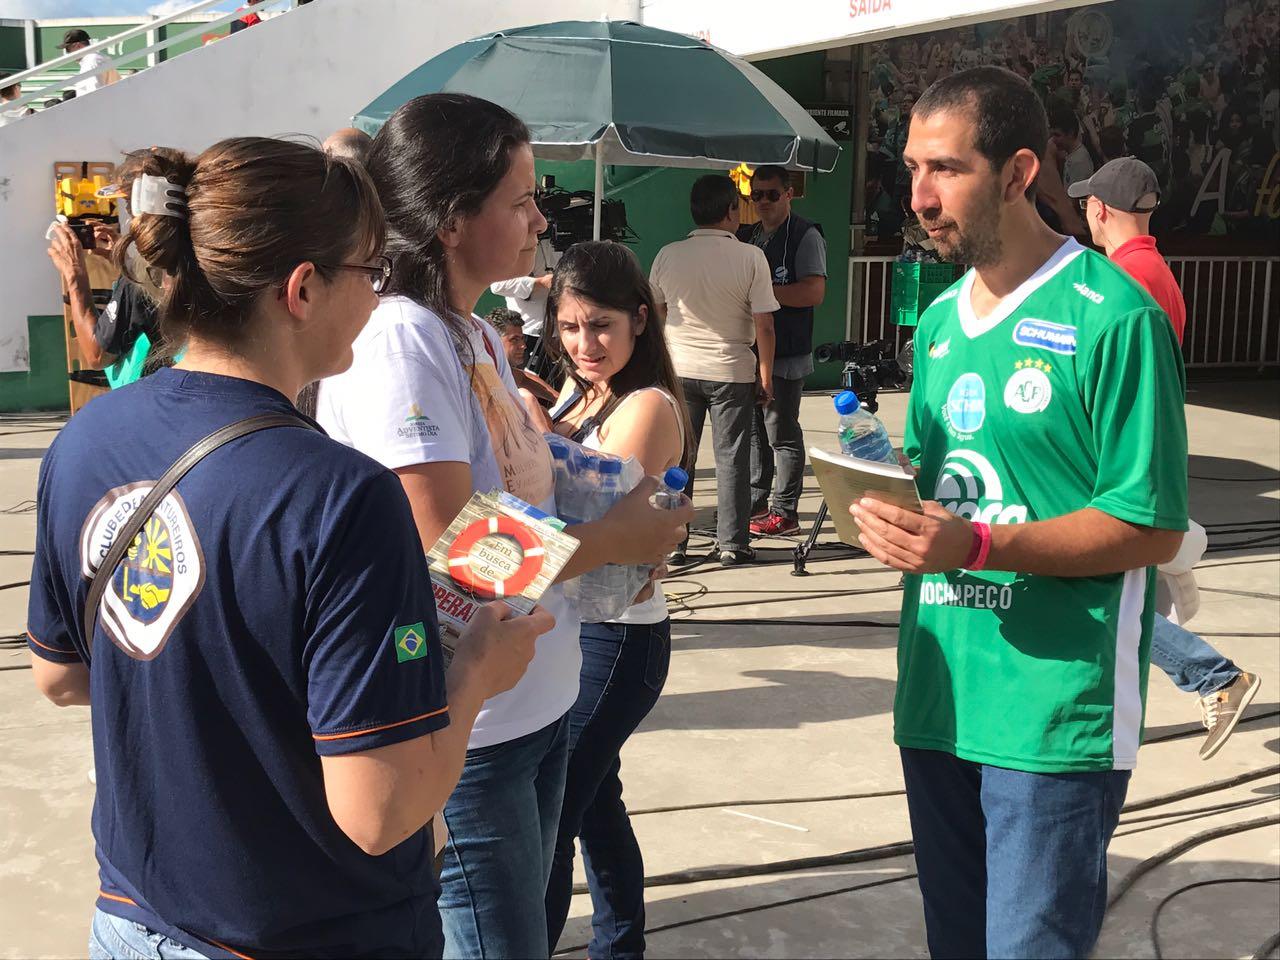 Apoio aos familiares das vítimas da tragédia da Chapecoense - foto 2